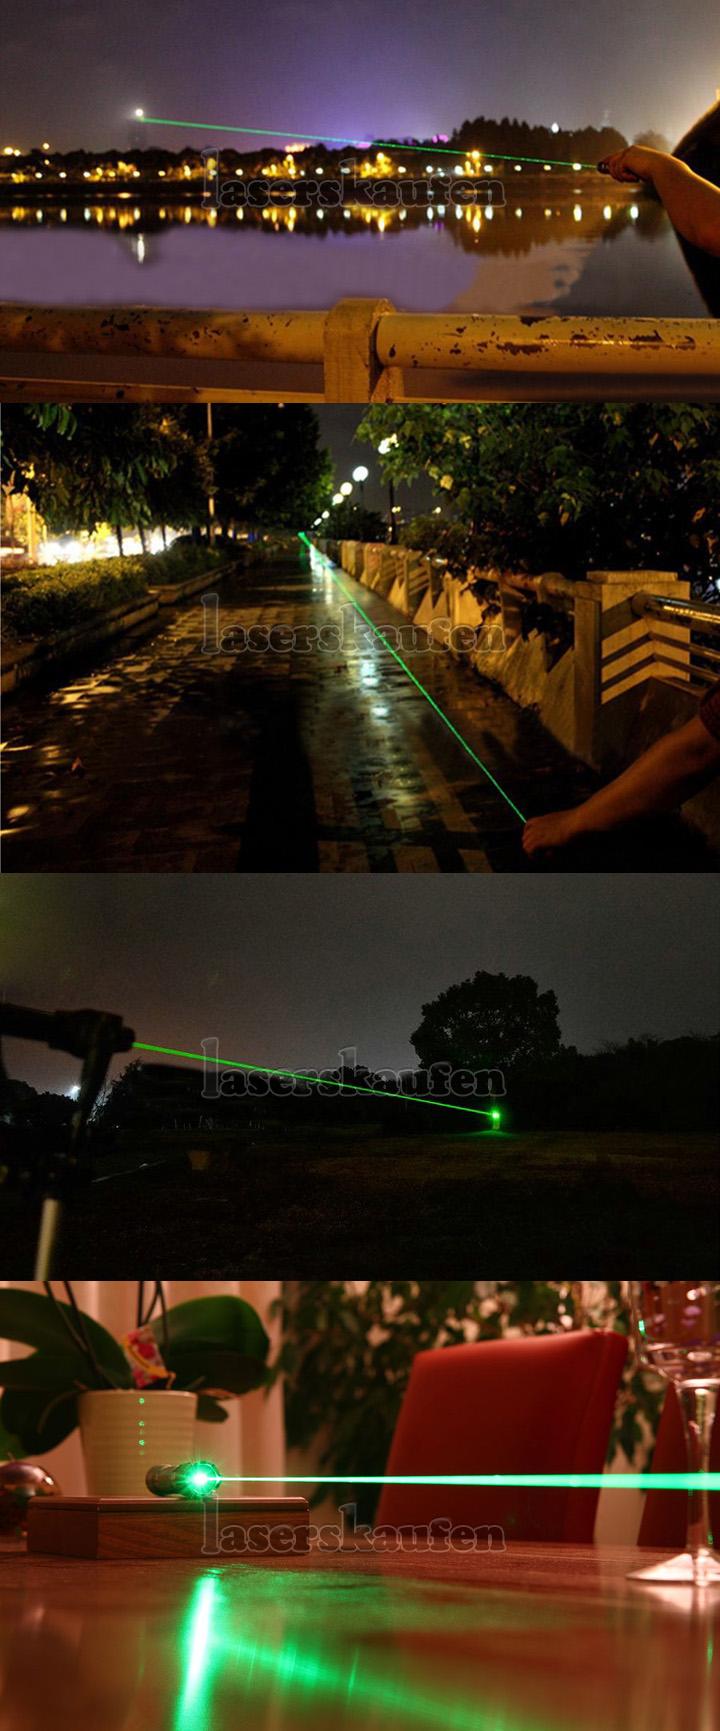 laserpointer stark 1000mw